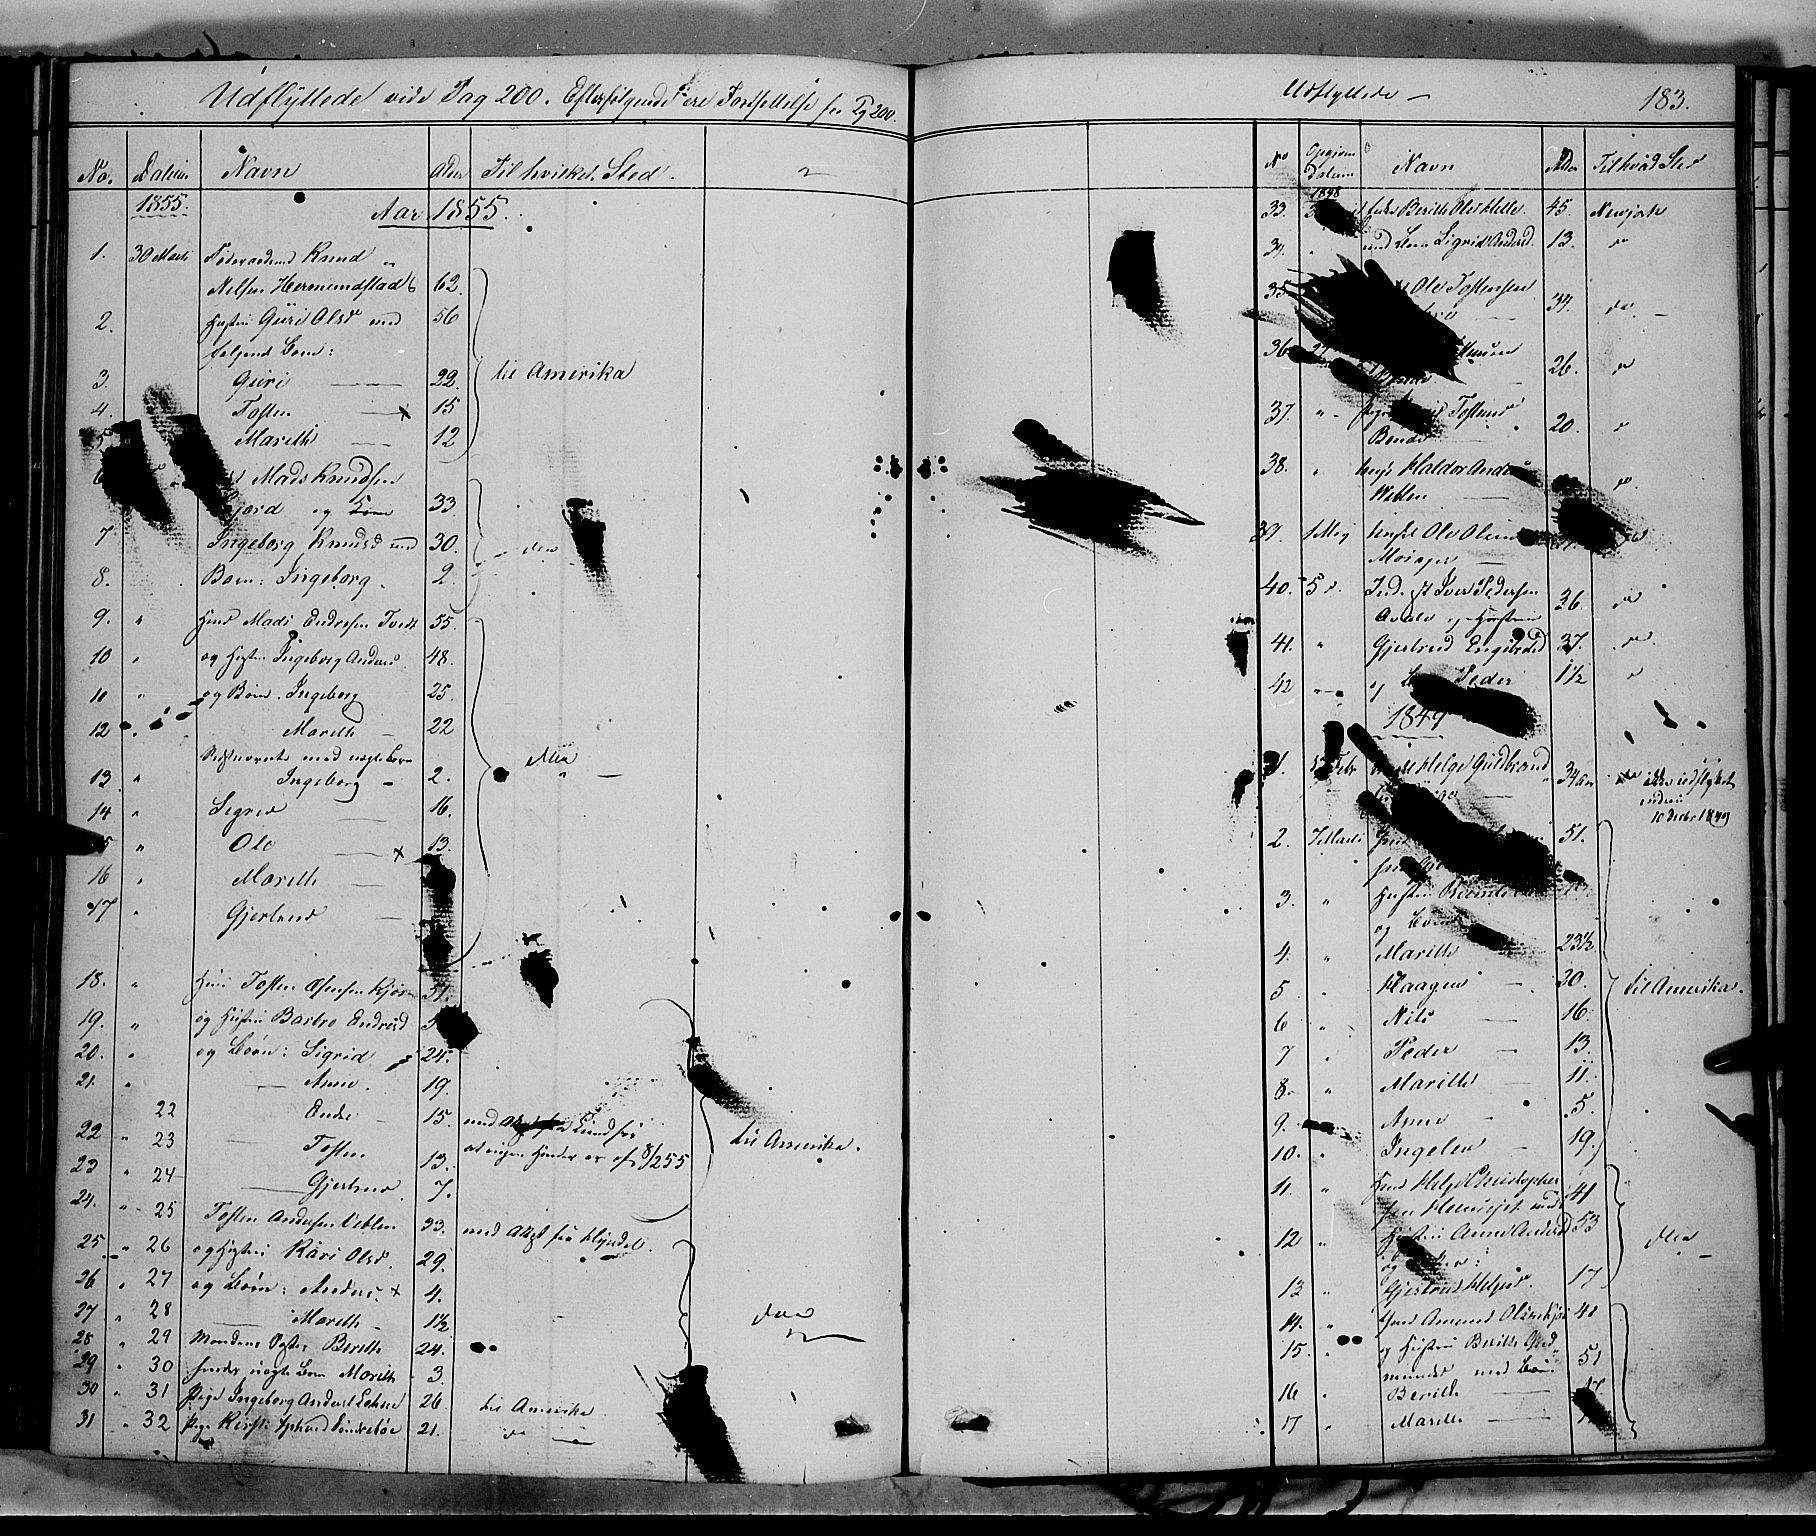 SAH, Vang prestekontor, Valdres, Ministerialbok nr. 6, 1846-1864, s. 183